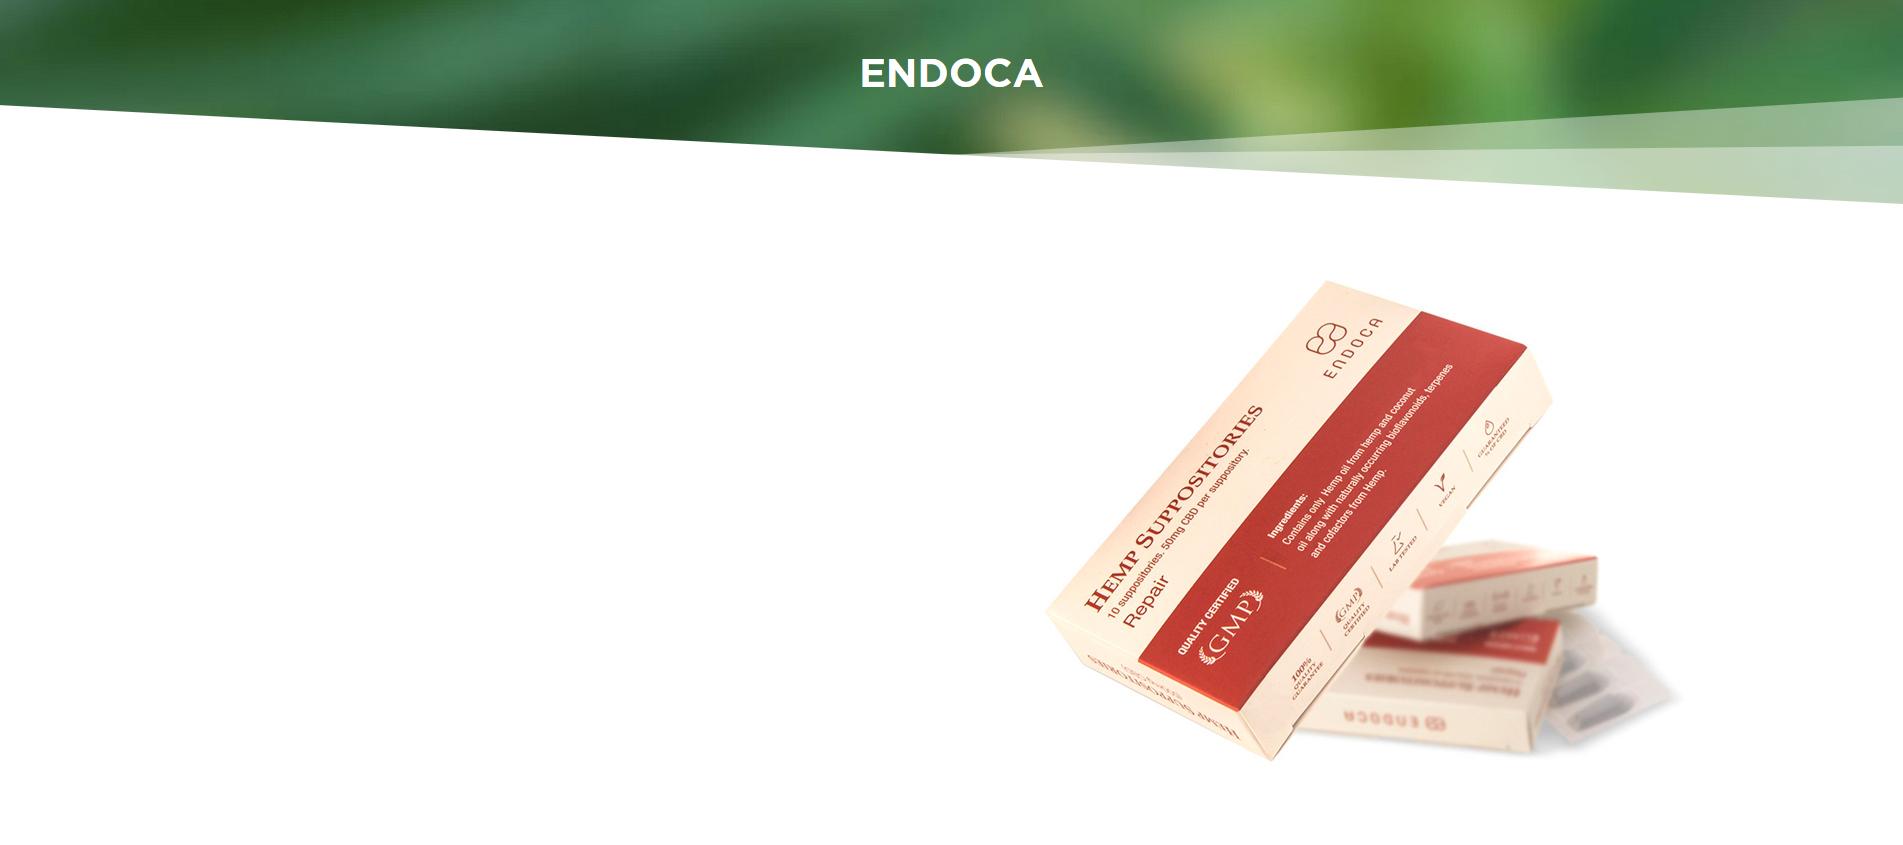 Ендока - Био конопено и кокосово масло - 50 mg CBD